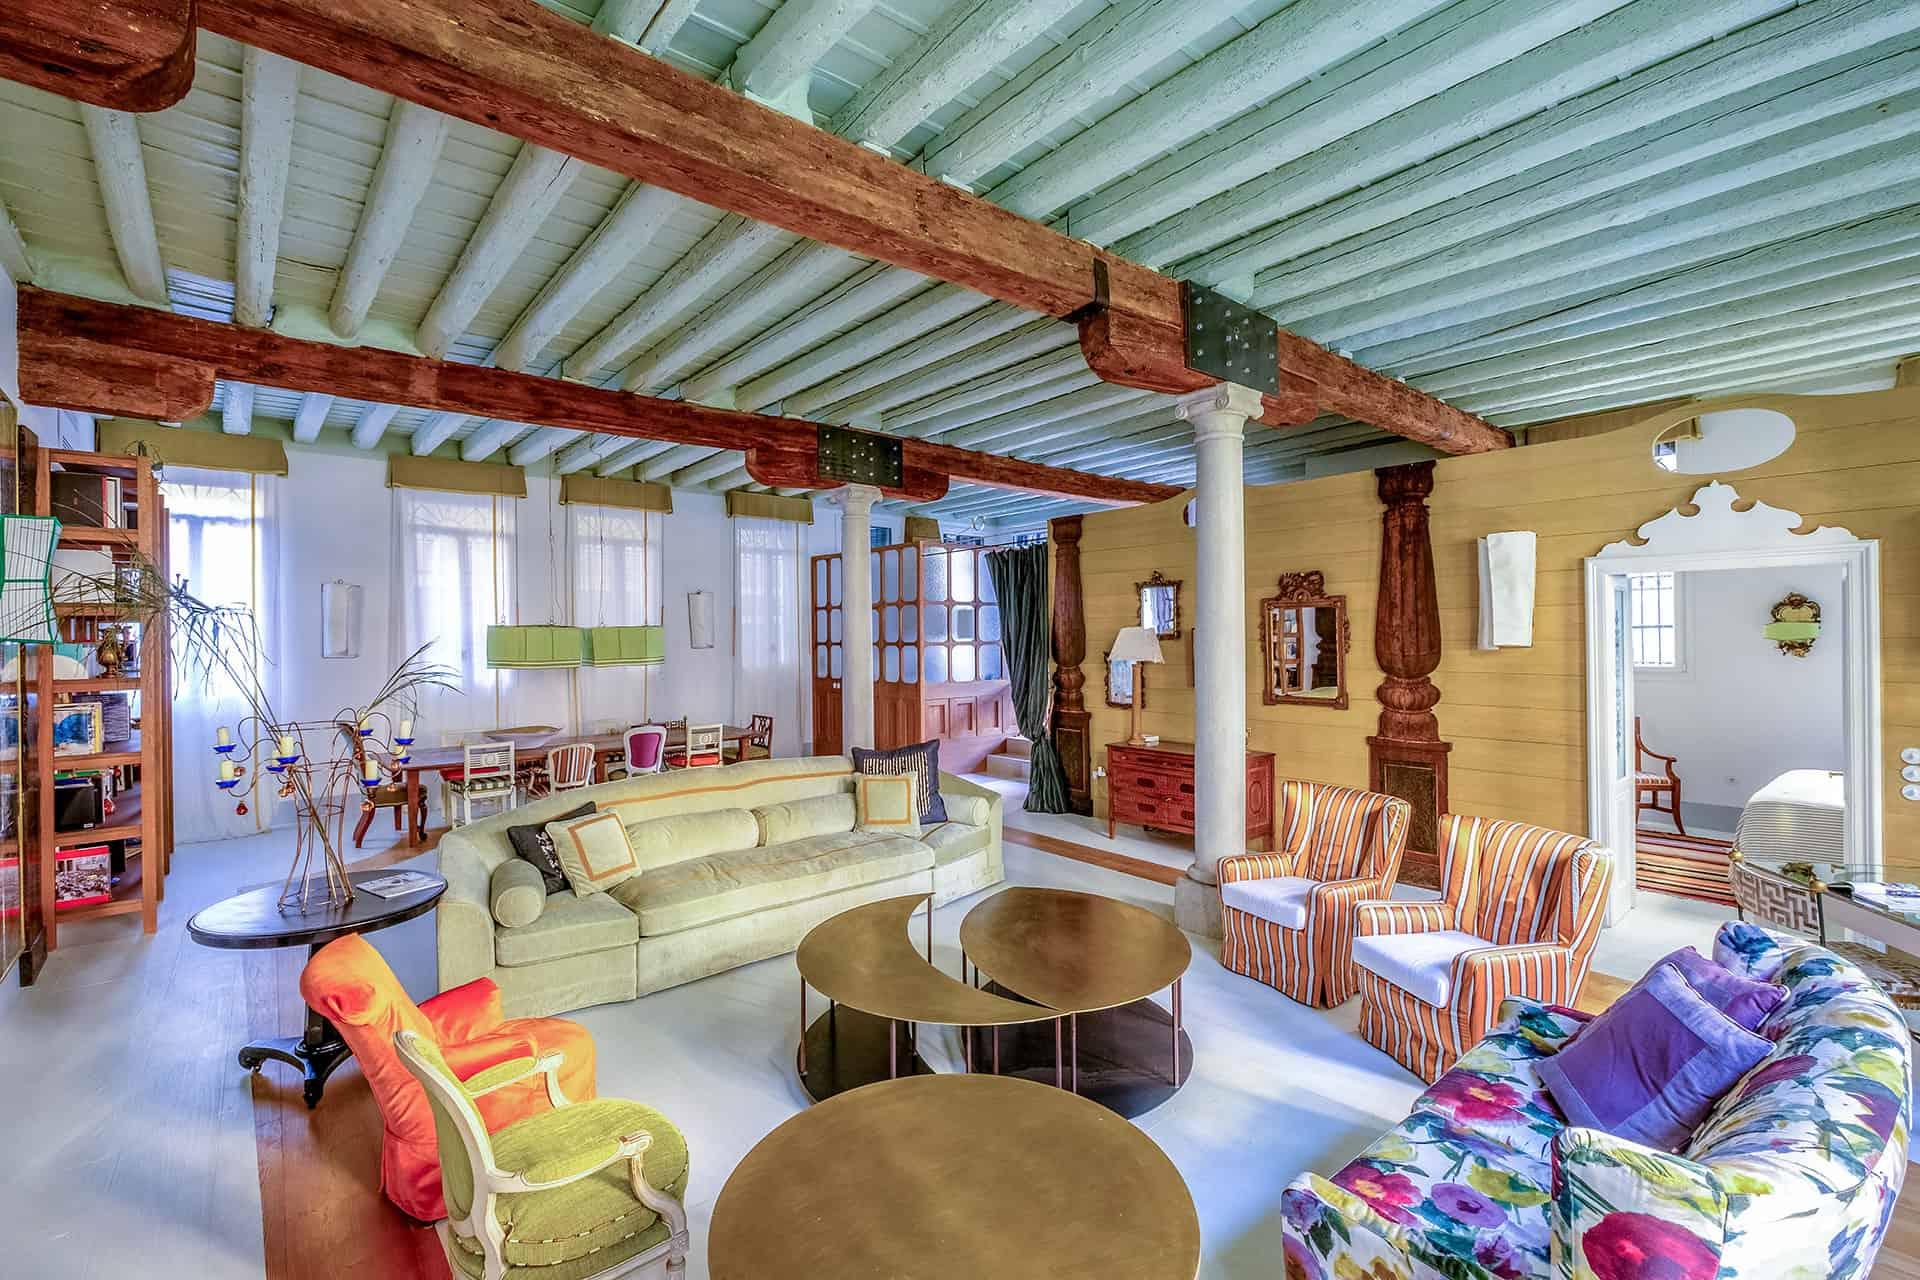 Grande salle vénitienne rénovée et meubles modernes – Appartement design à Venise